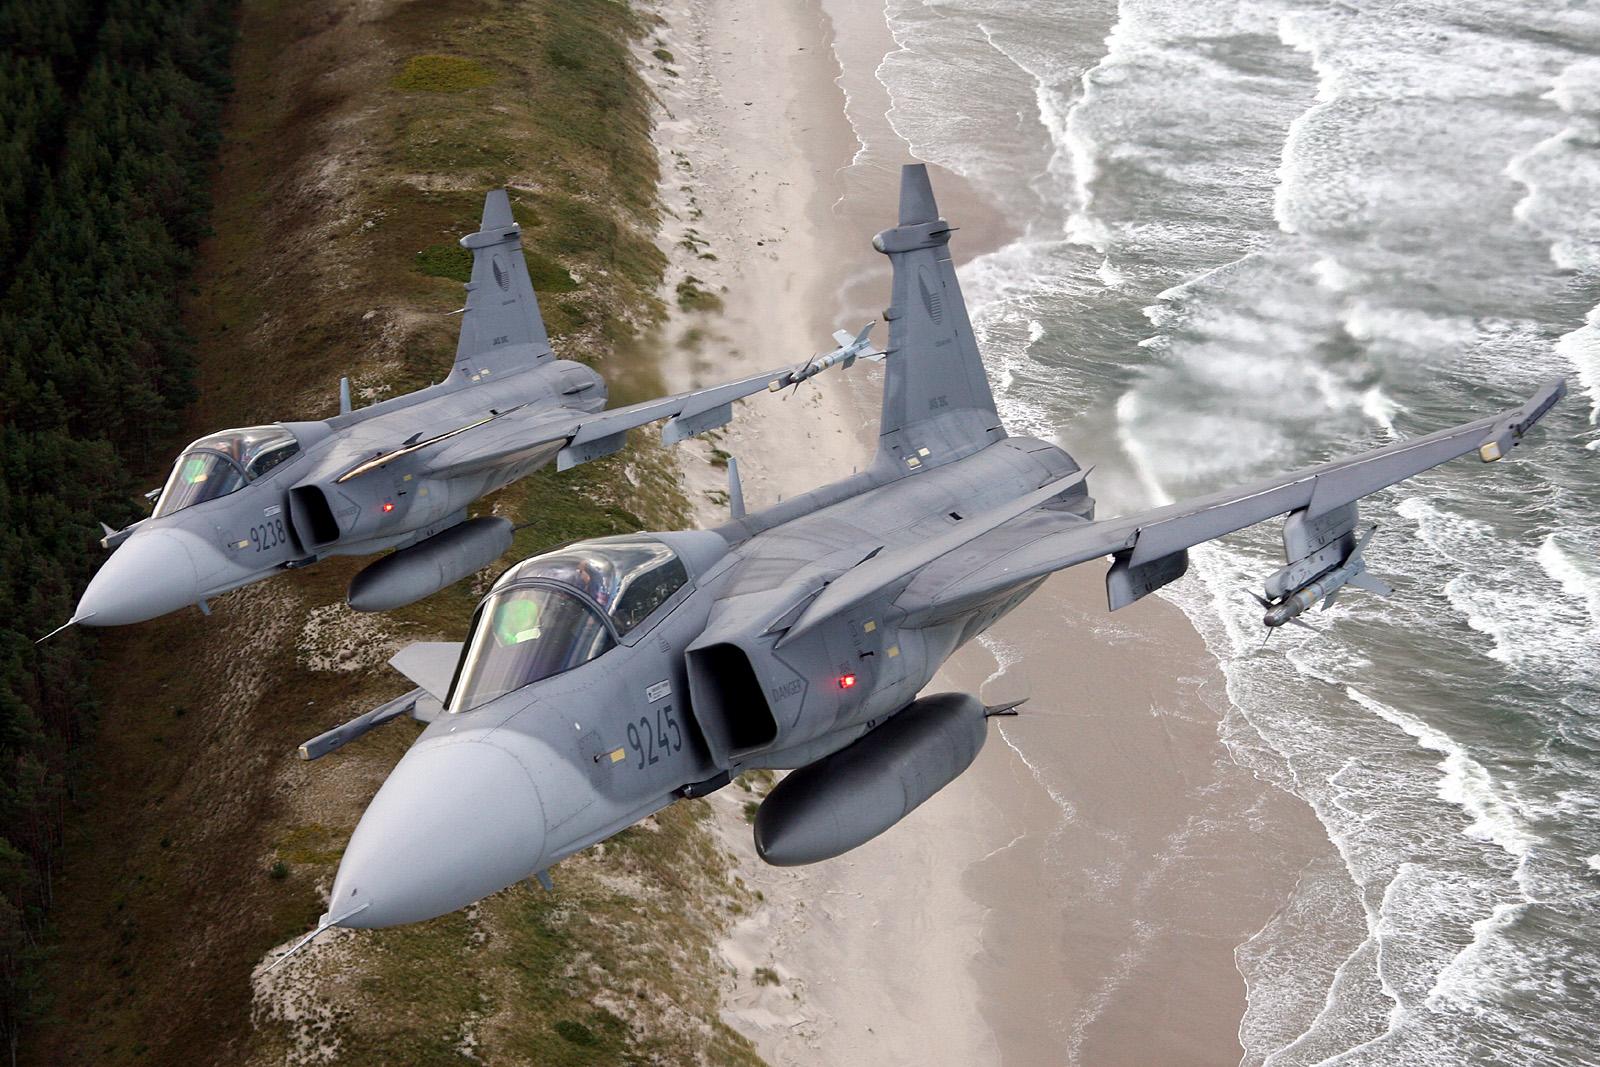 Czech Air Force Gripen